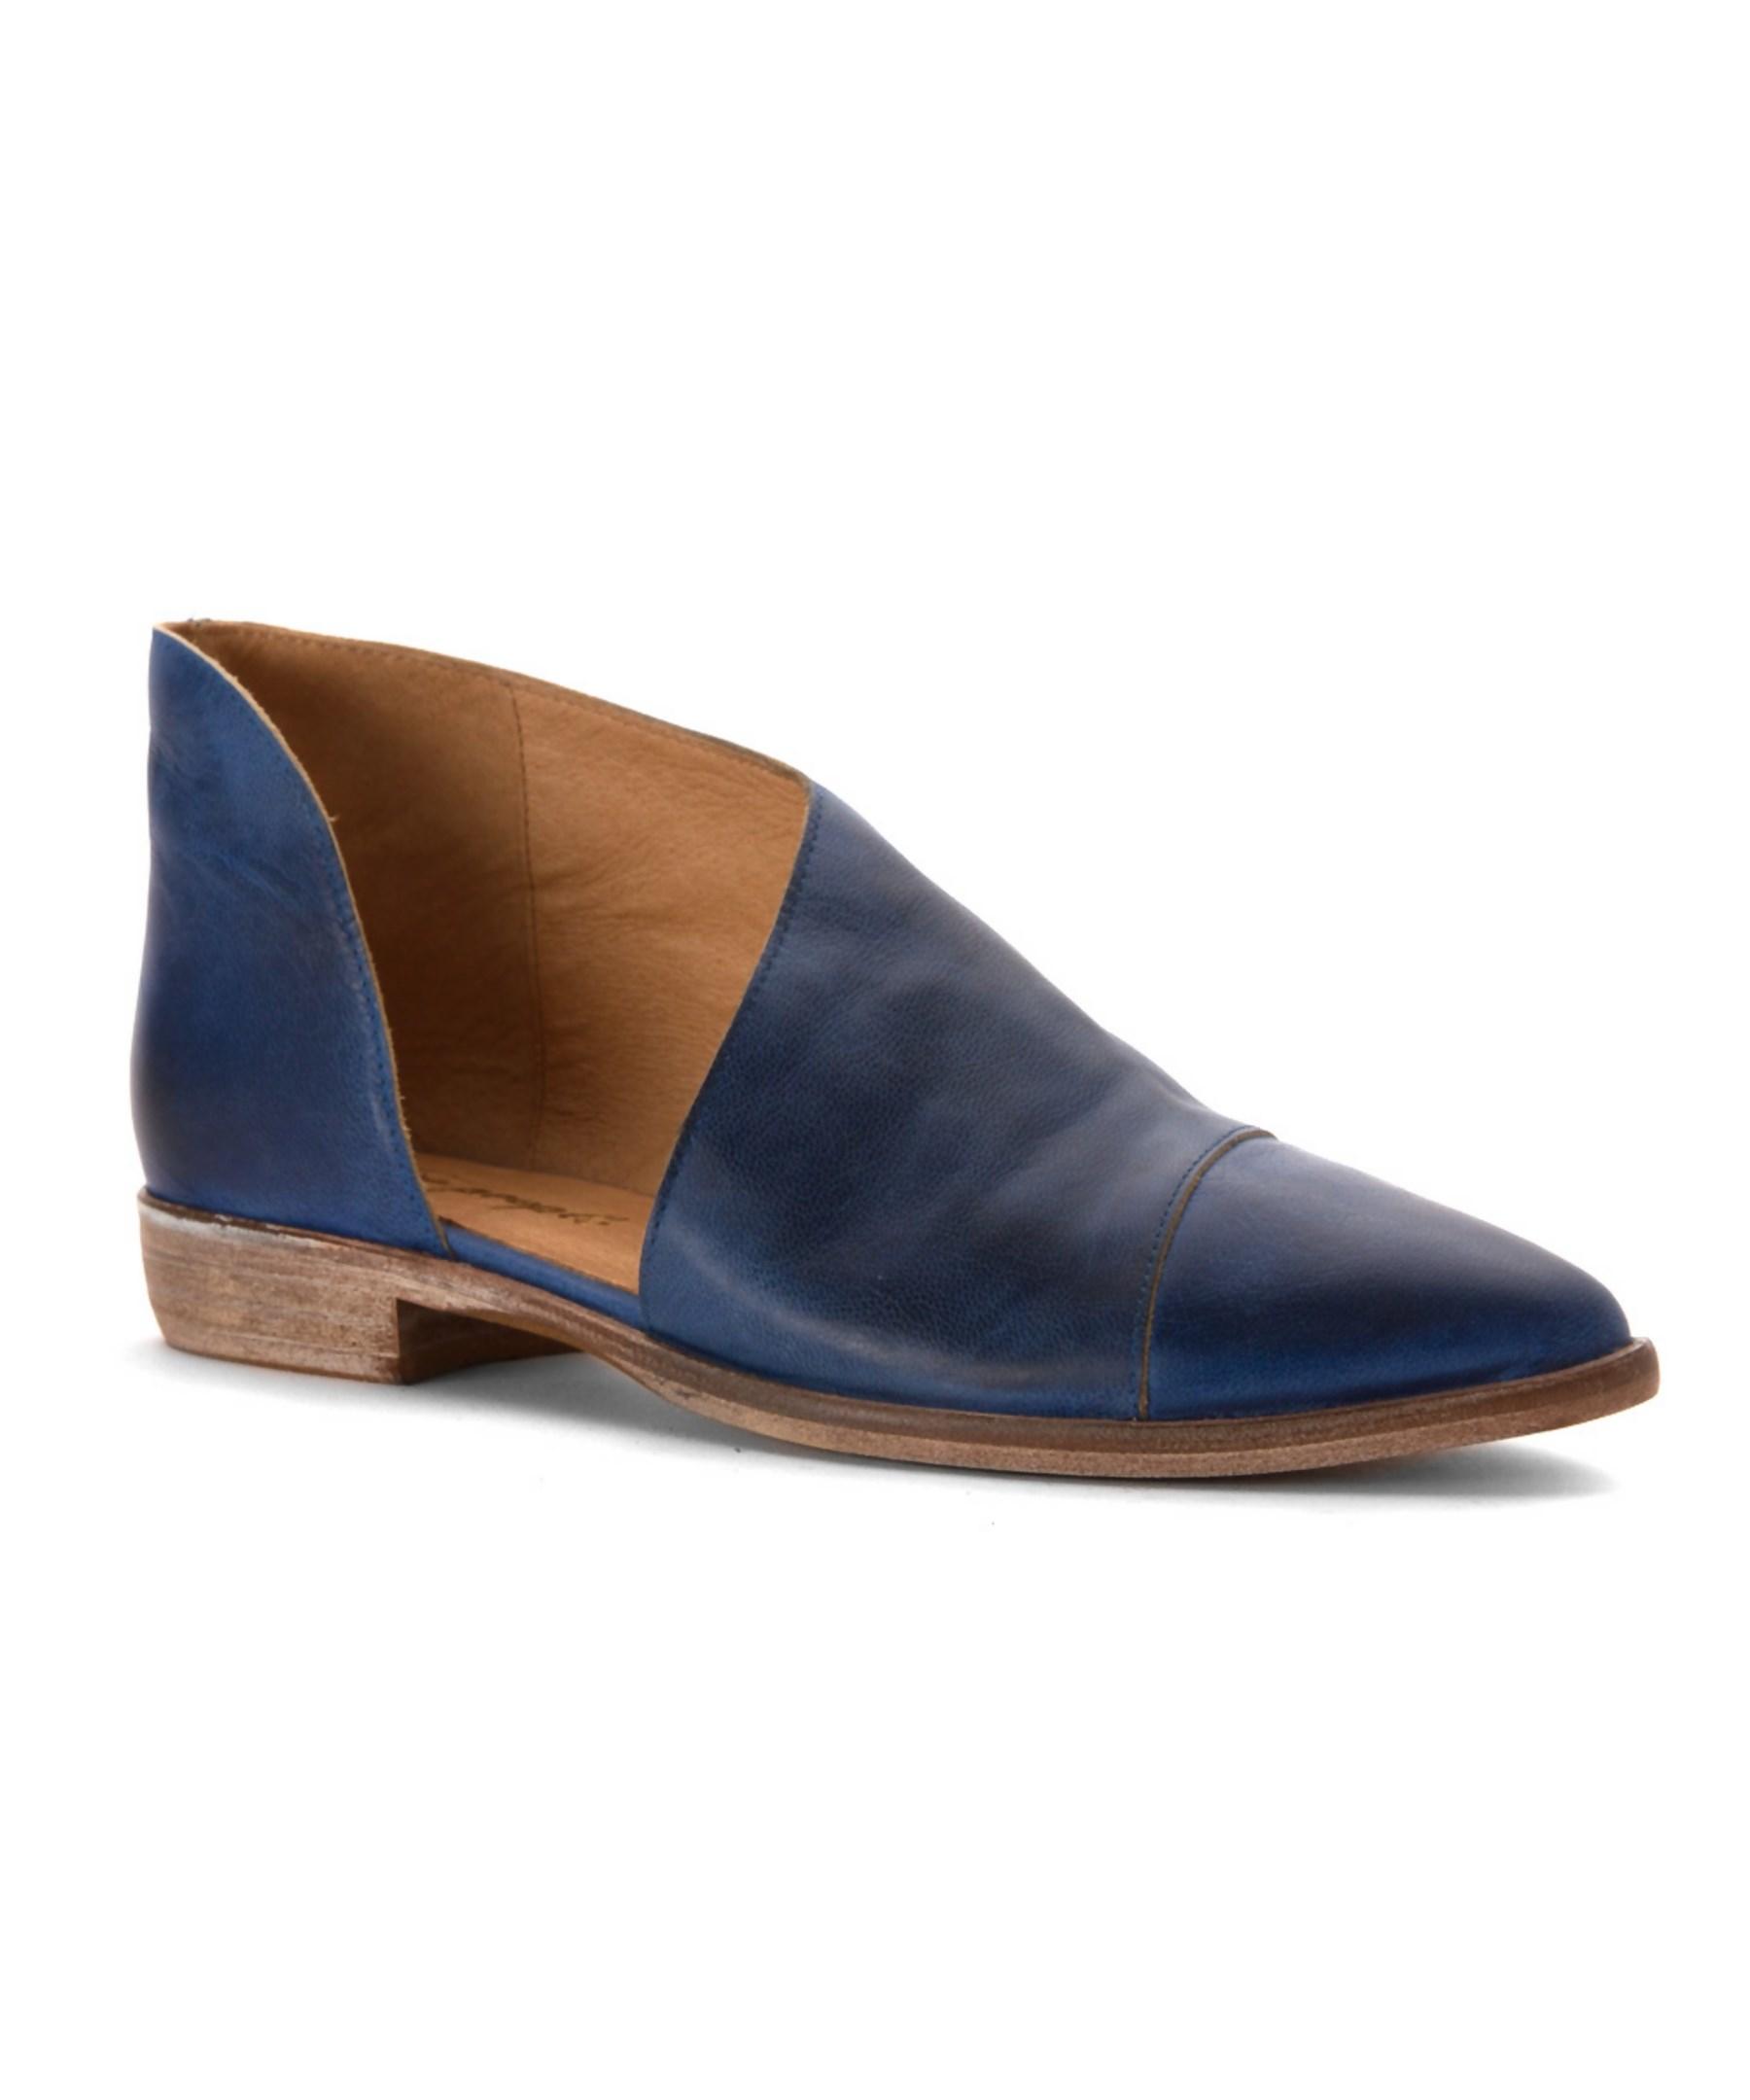 Chloe Flat Shoes Sale